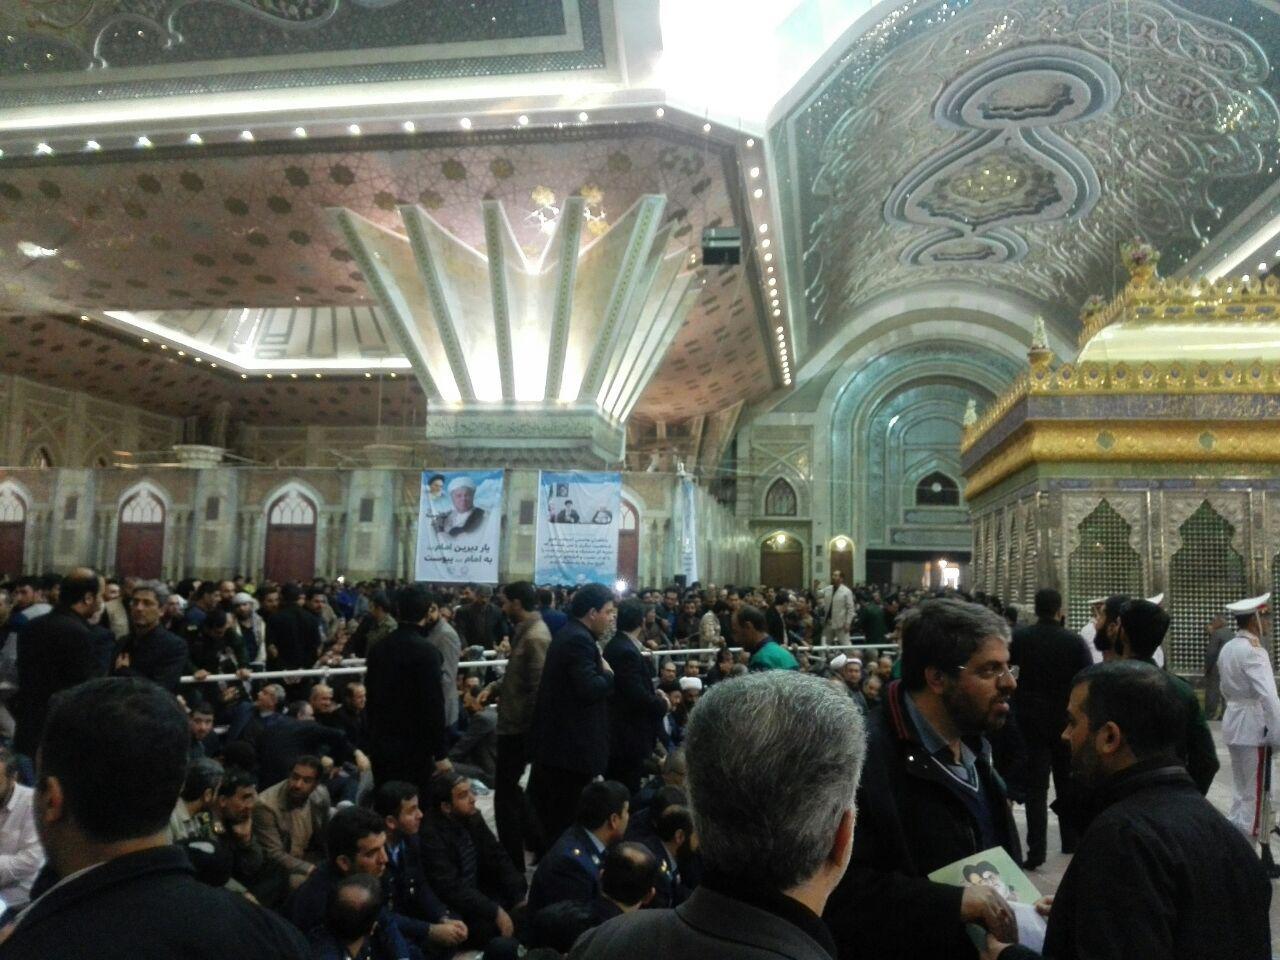 حرم امام راحل آماده برگزاری مراسم تدفین آیتالله هاشمی شد